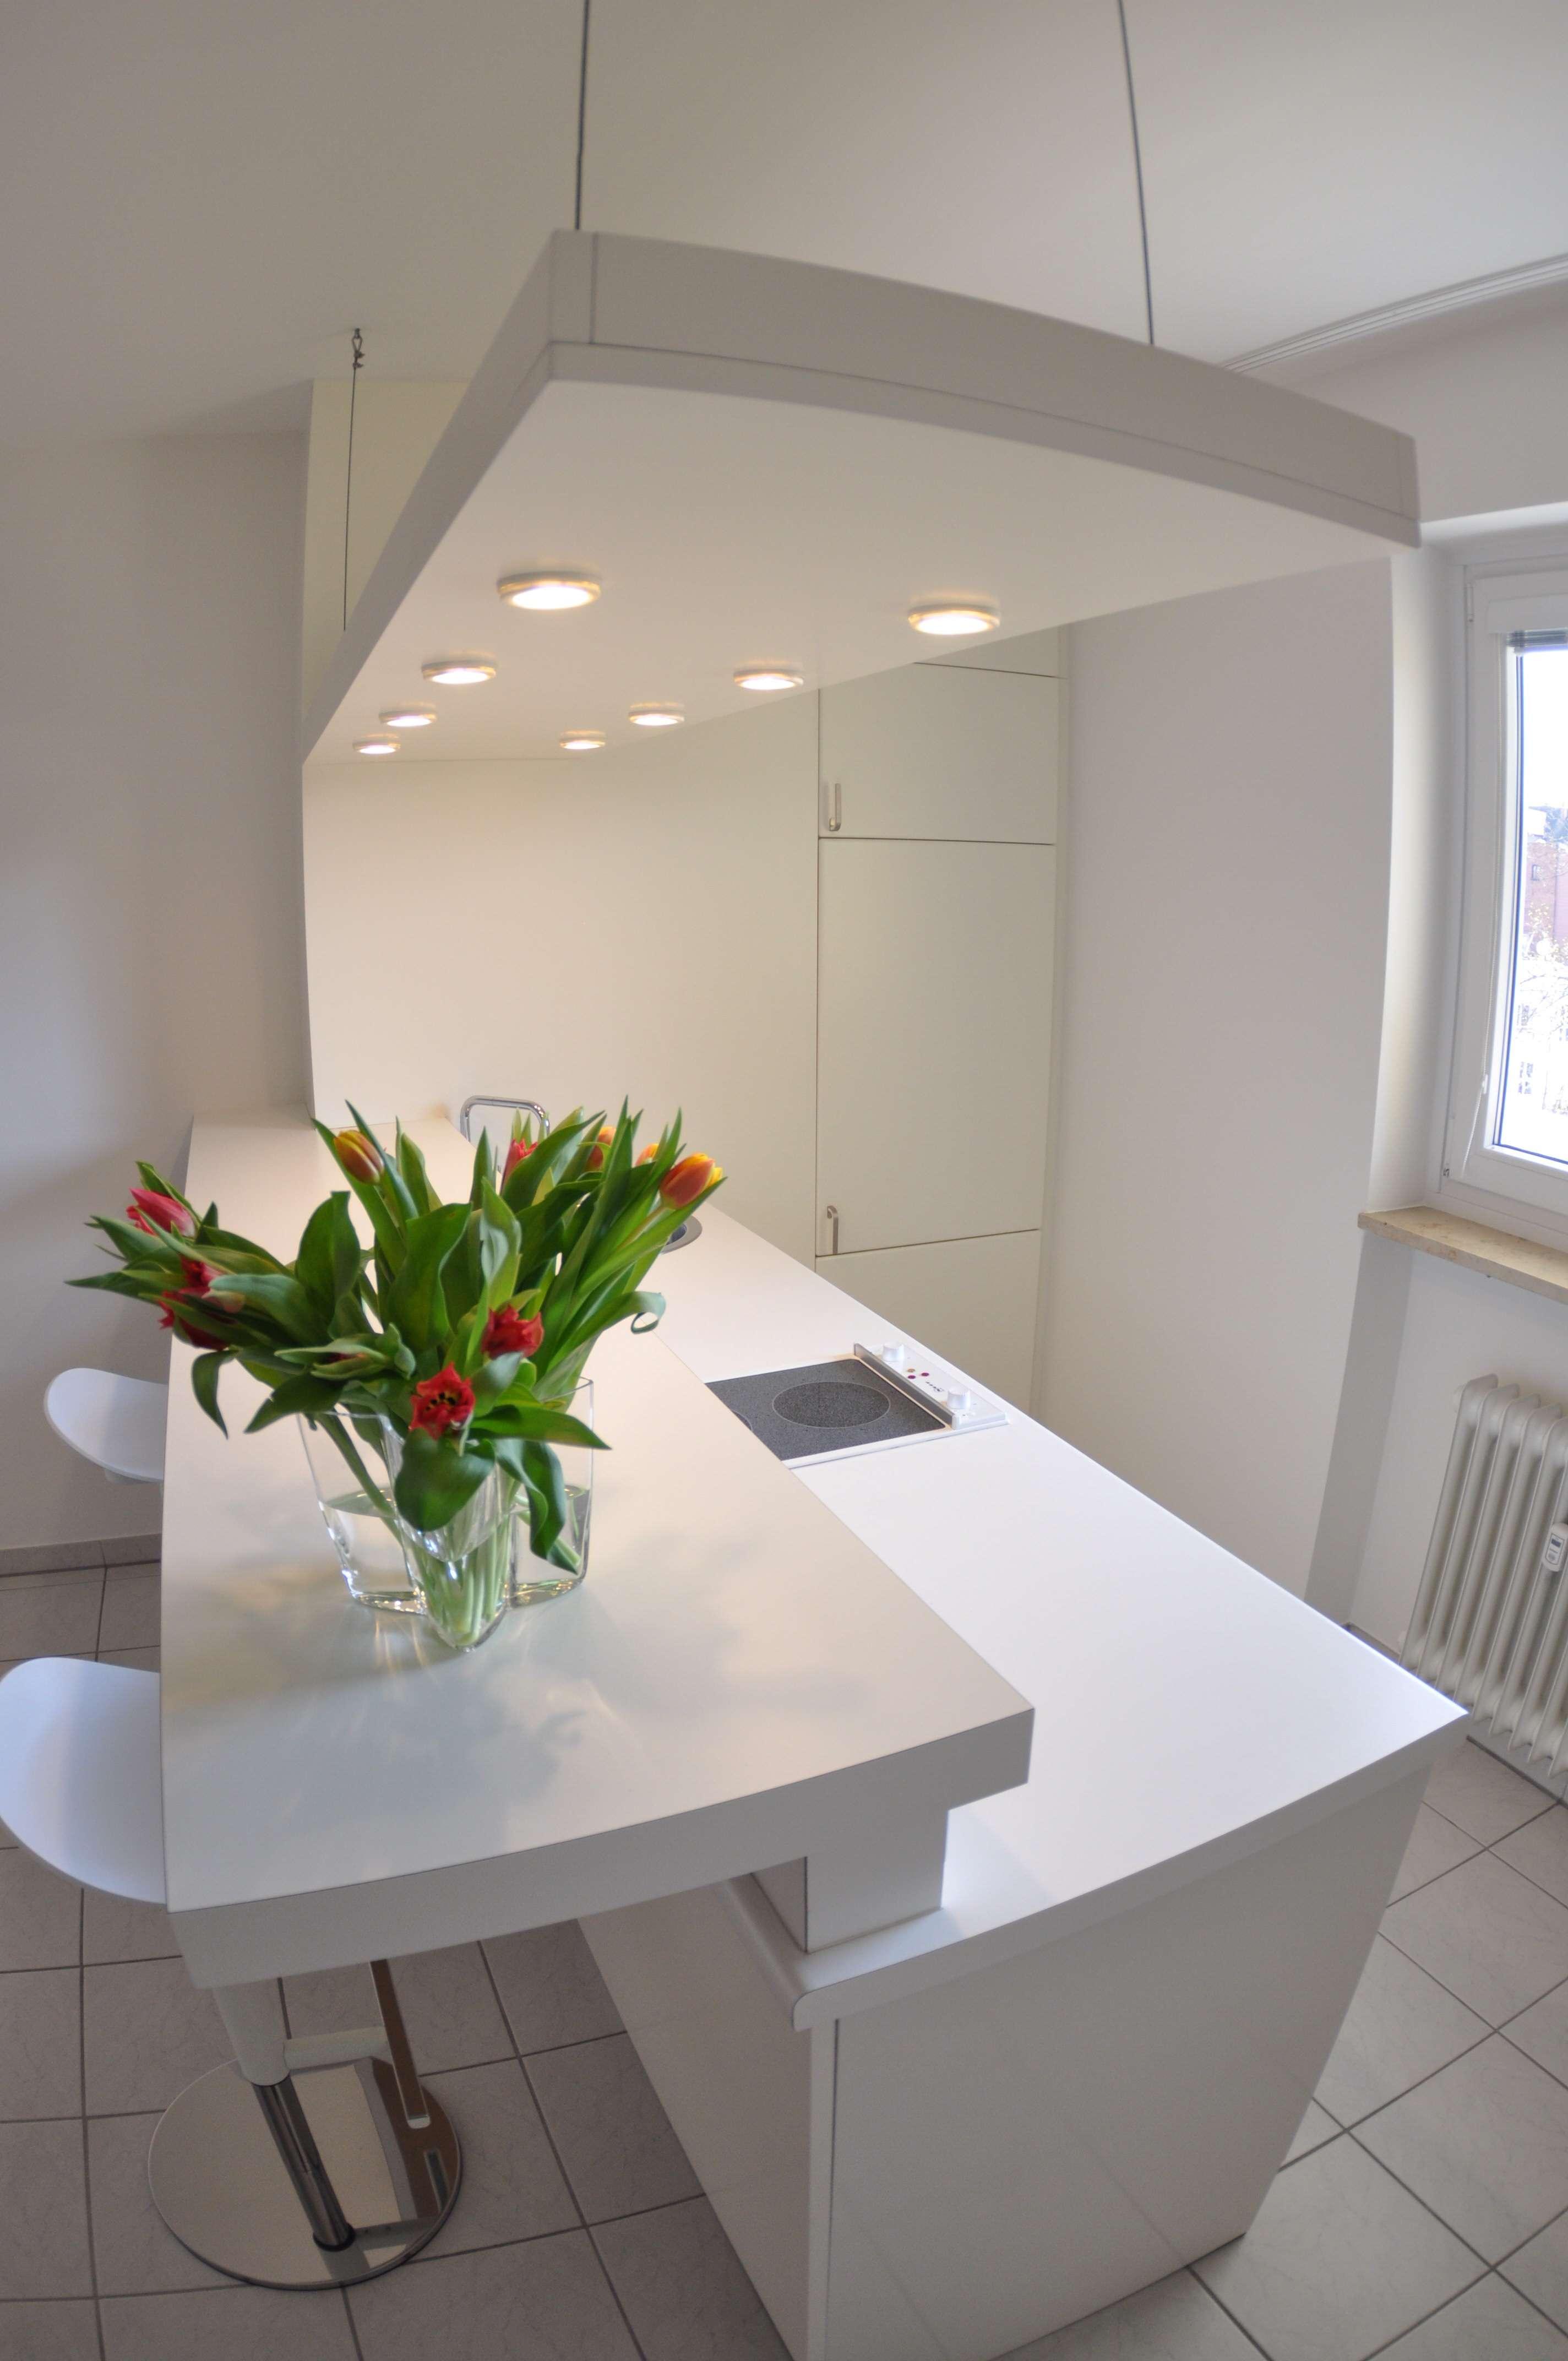 Helles, frisch renoviertes 1-Zimmer-Apartment in zentraler Lage in